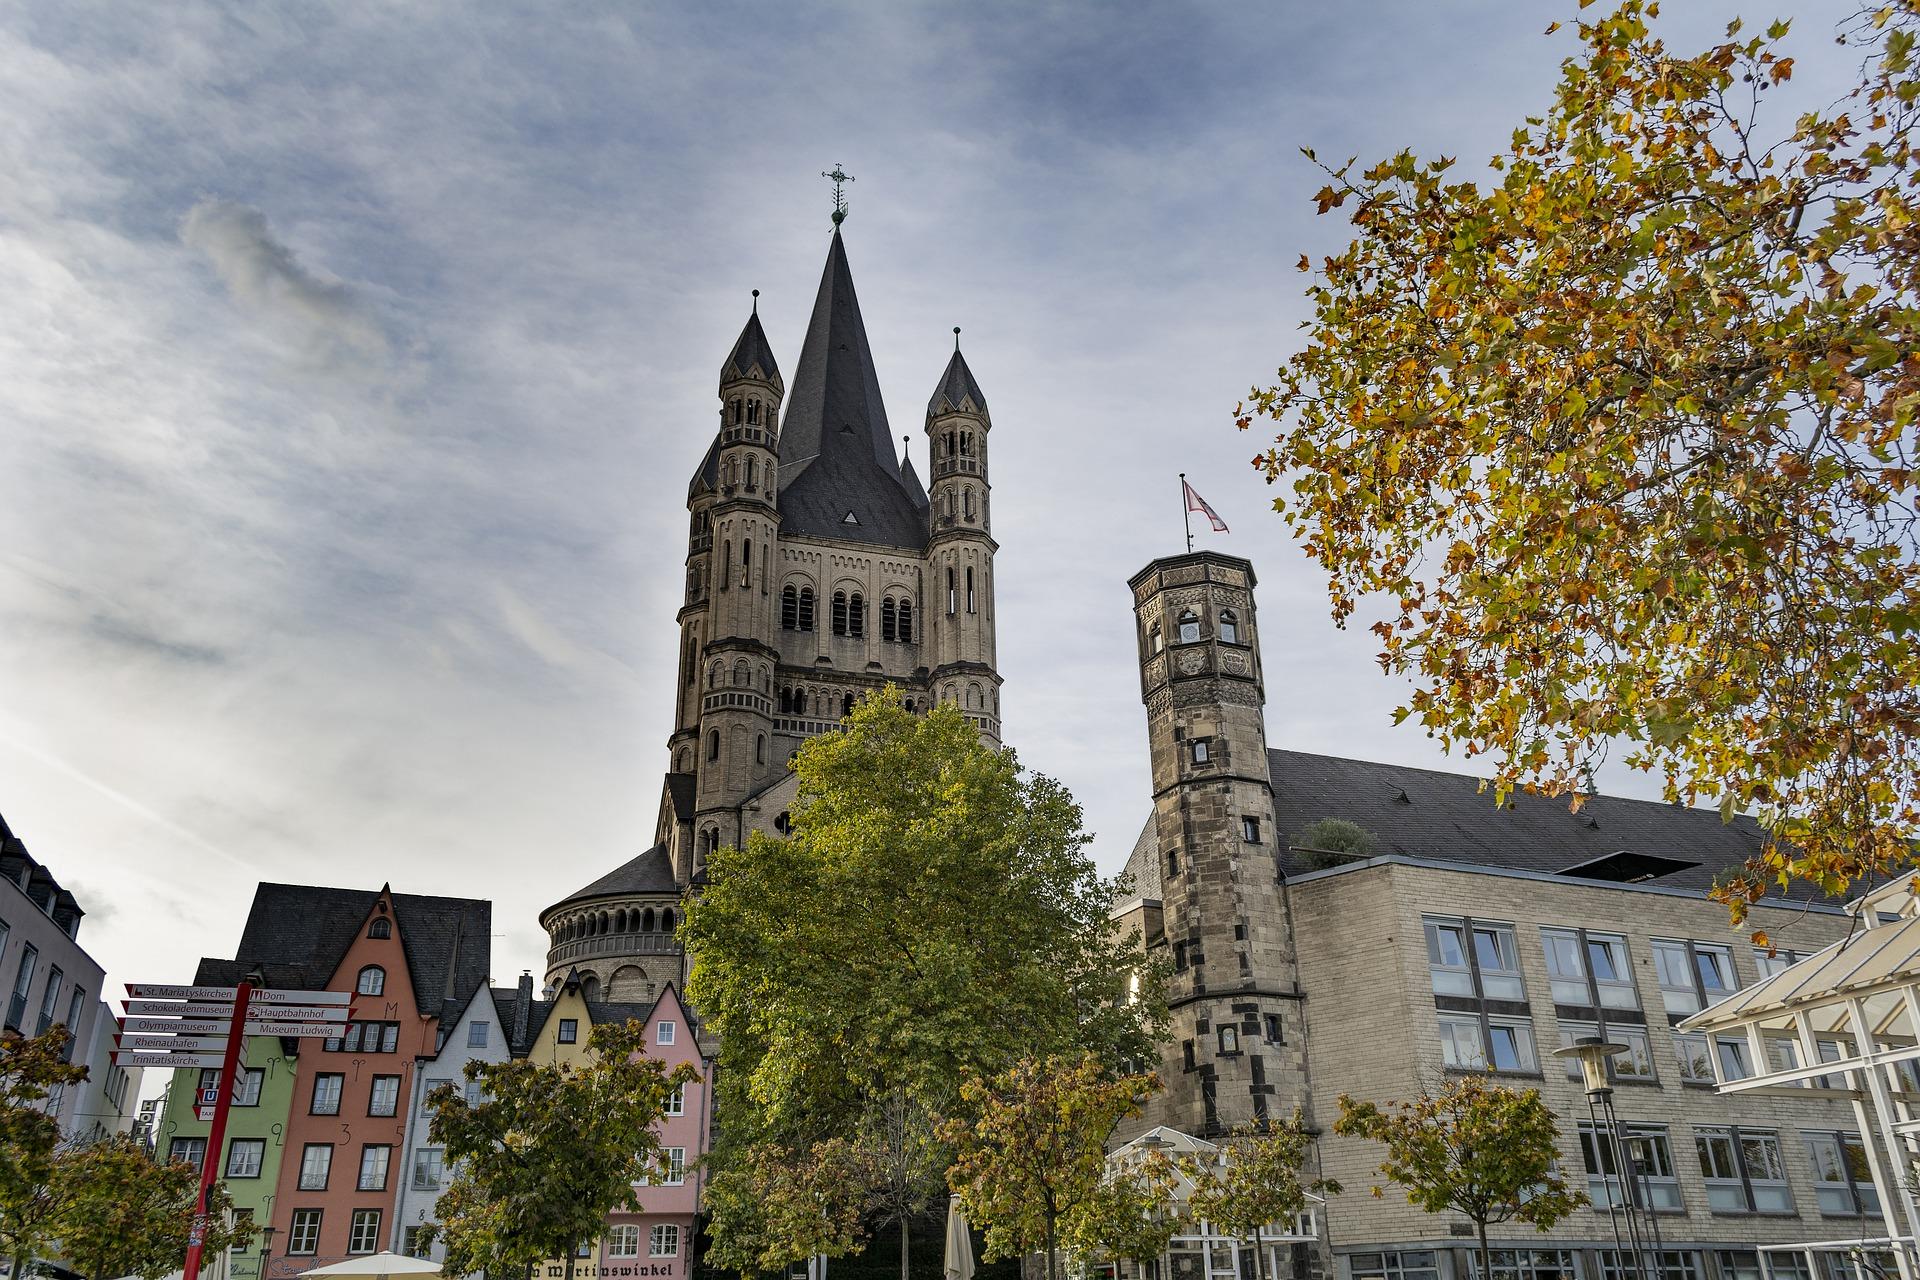 Berühmte Kirchen gelten auch als Köln Sehenswürdigkeiten